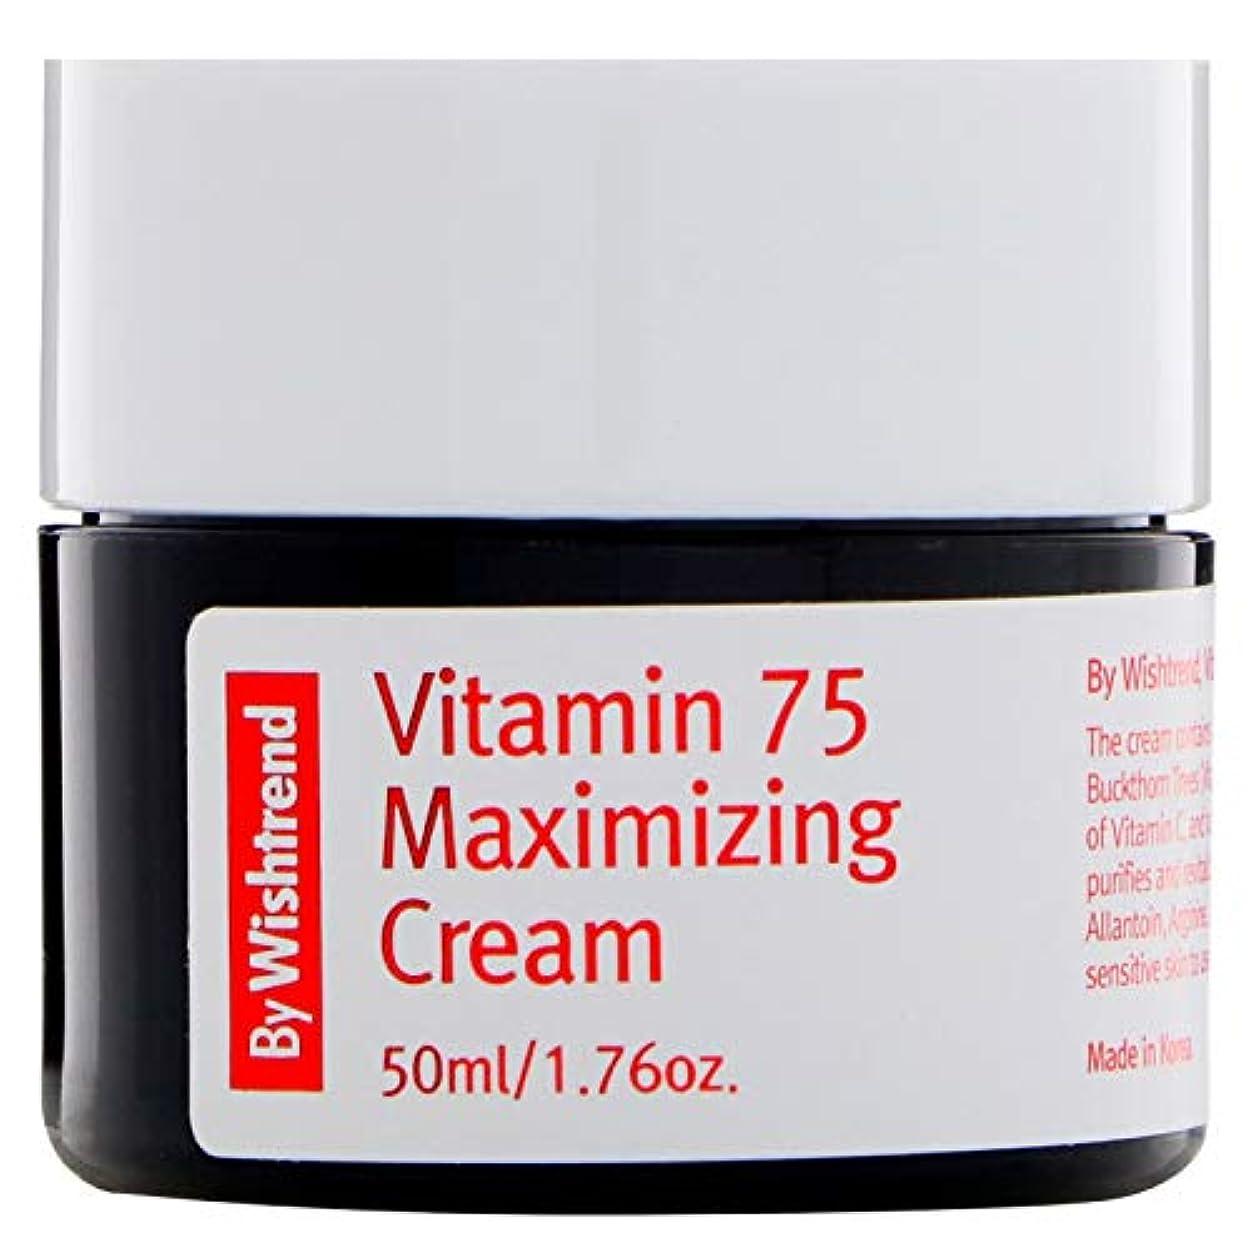 ギャザー水差しピアノ[BY WISHTREND]ビタミン75 マキシマイジング クリーム, Vitamin 75 Maximizing Cream [並行輸入品]